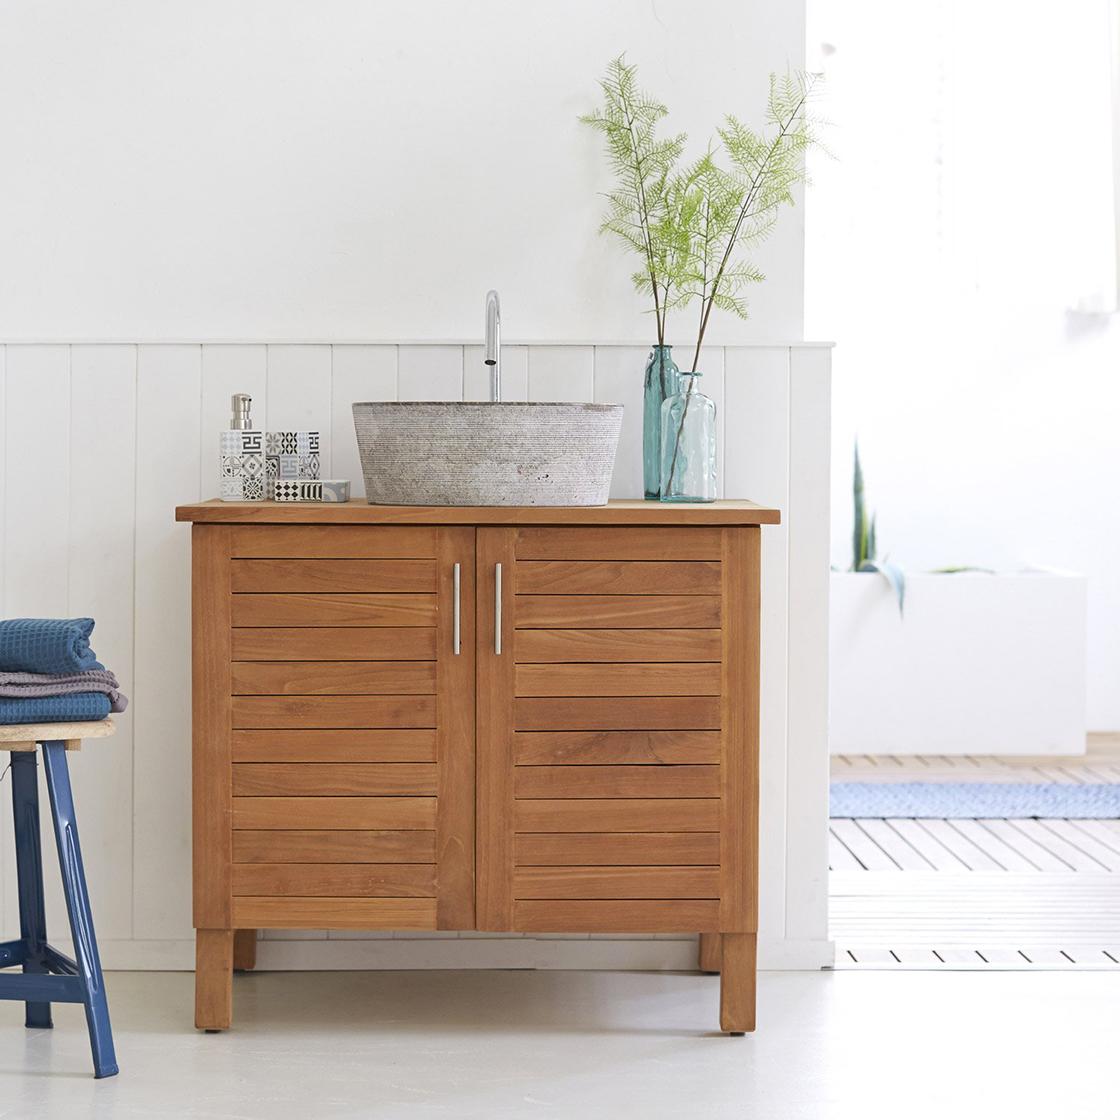 10 accessoires pour une salle de bain tendance blueberry home - Accessoires pour salle de bain ...